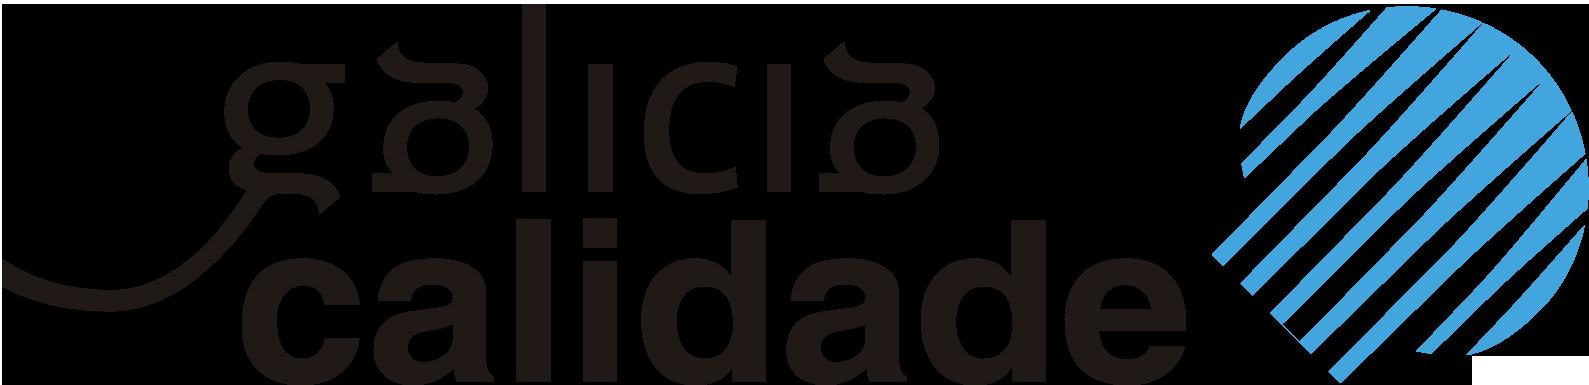 logos-galicia-calidade-novos-1.png